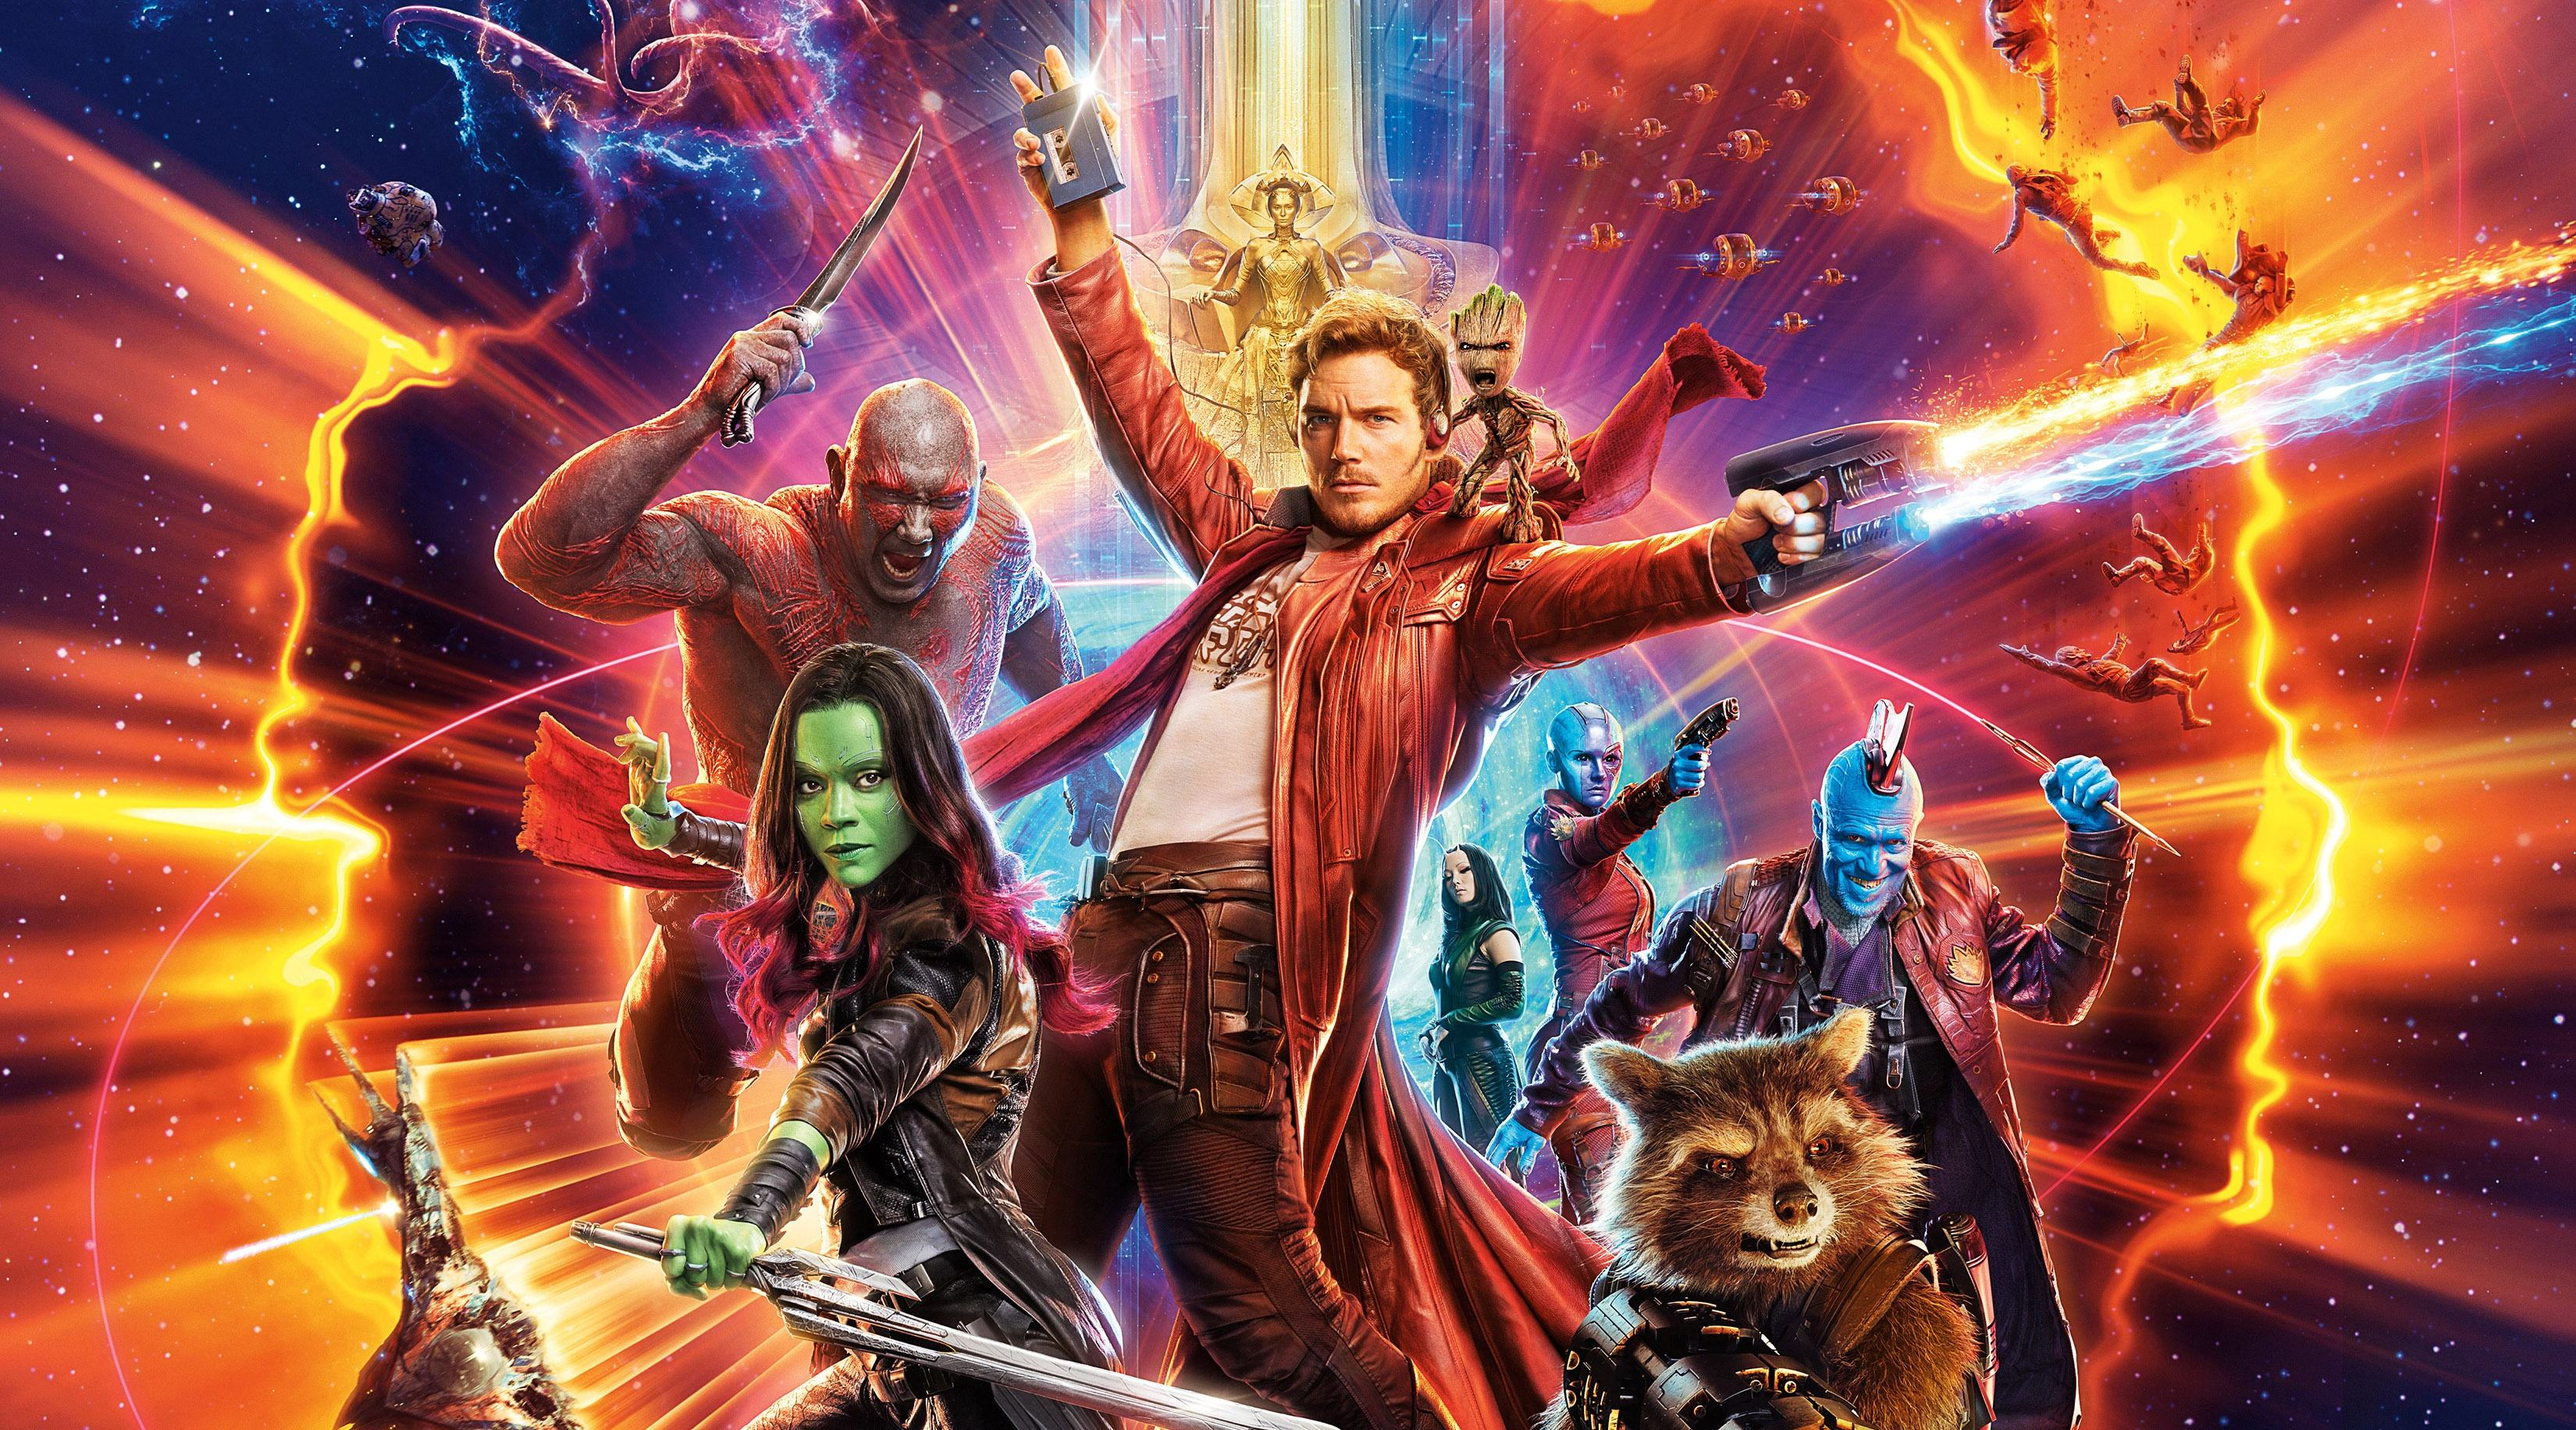 """《银河护卫队3》提前开拍啦!雷神和星爵将上演""""肥宅双雄""""?"""